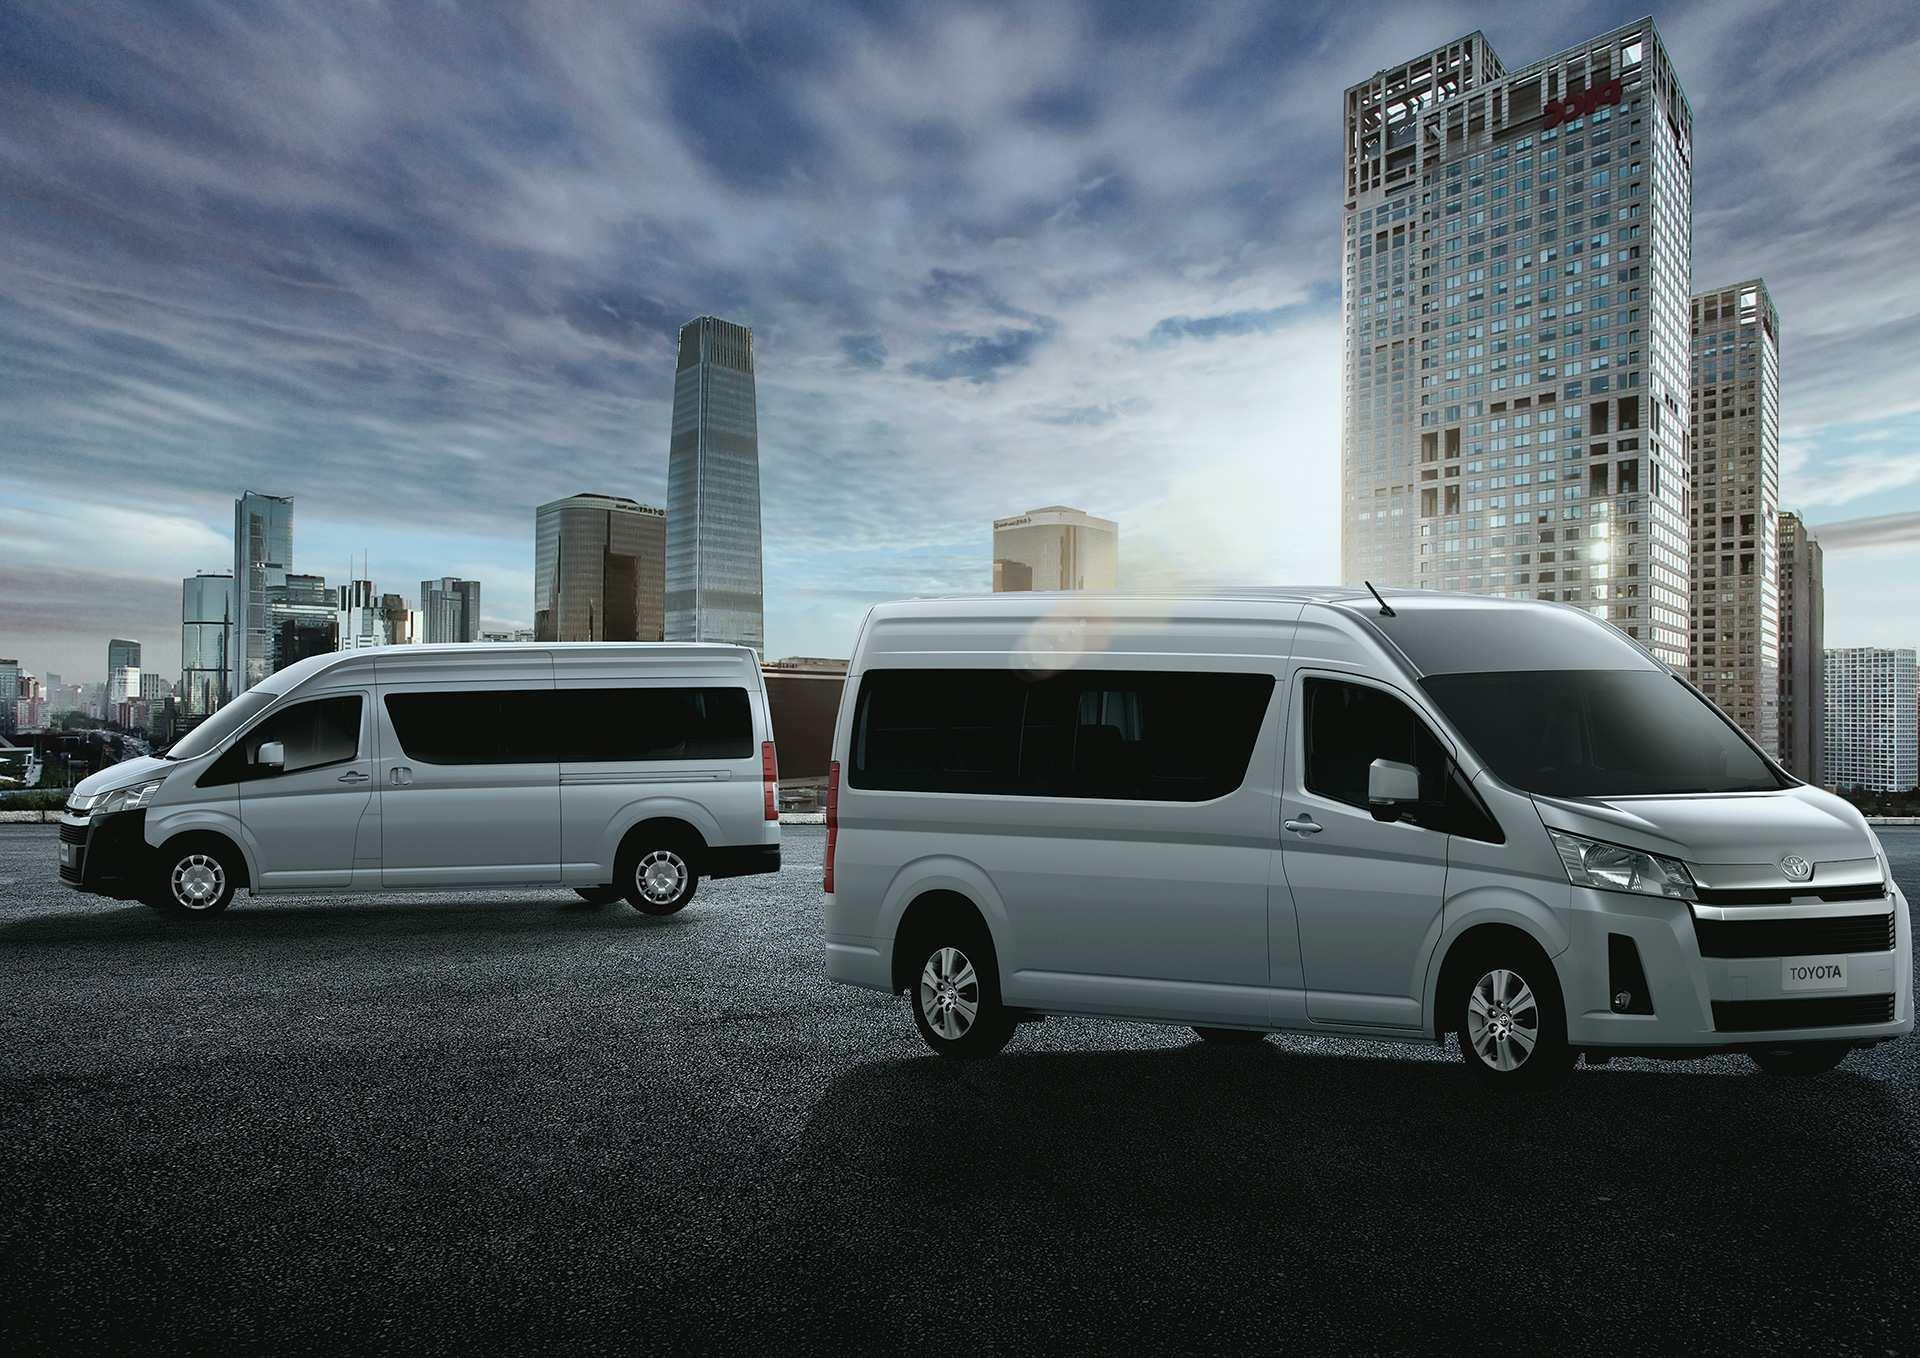 86 Best Review New Toyota Quantum 2020 Interior Exterior with New Toyota Quantum 2020 Interior